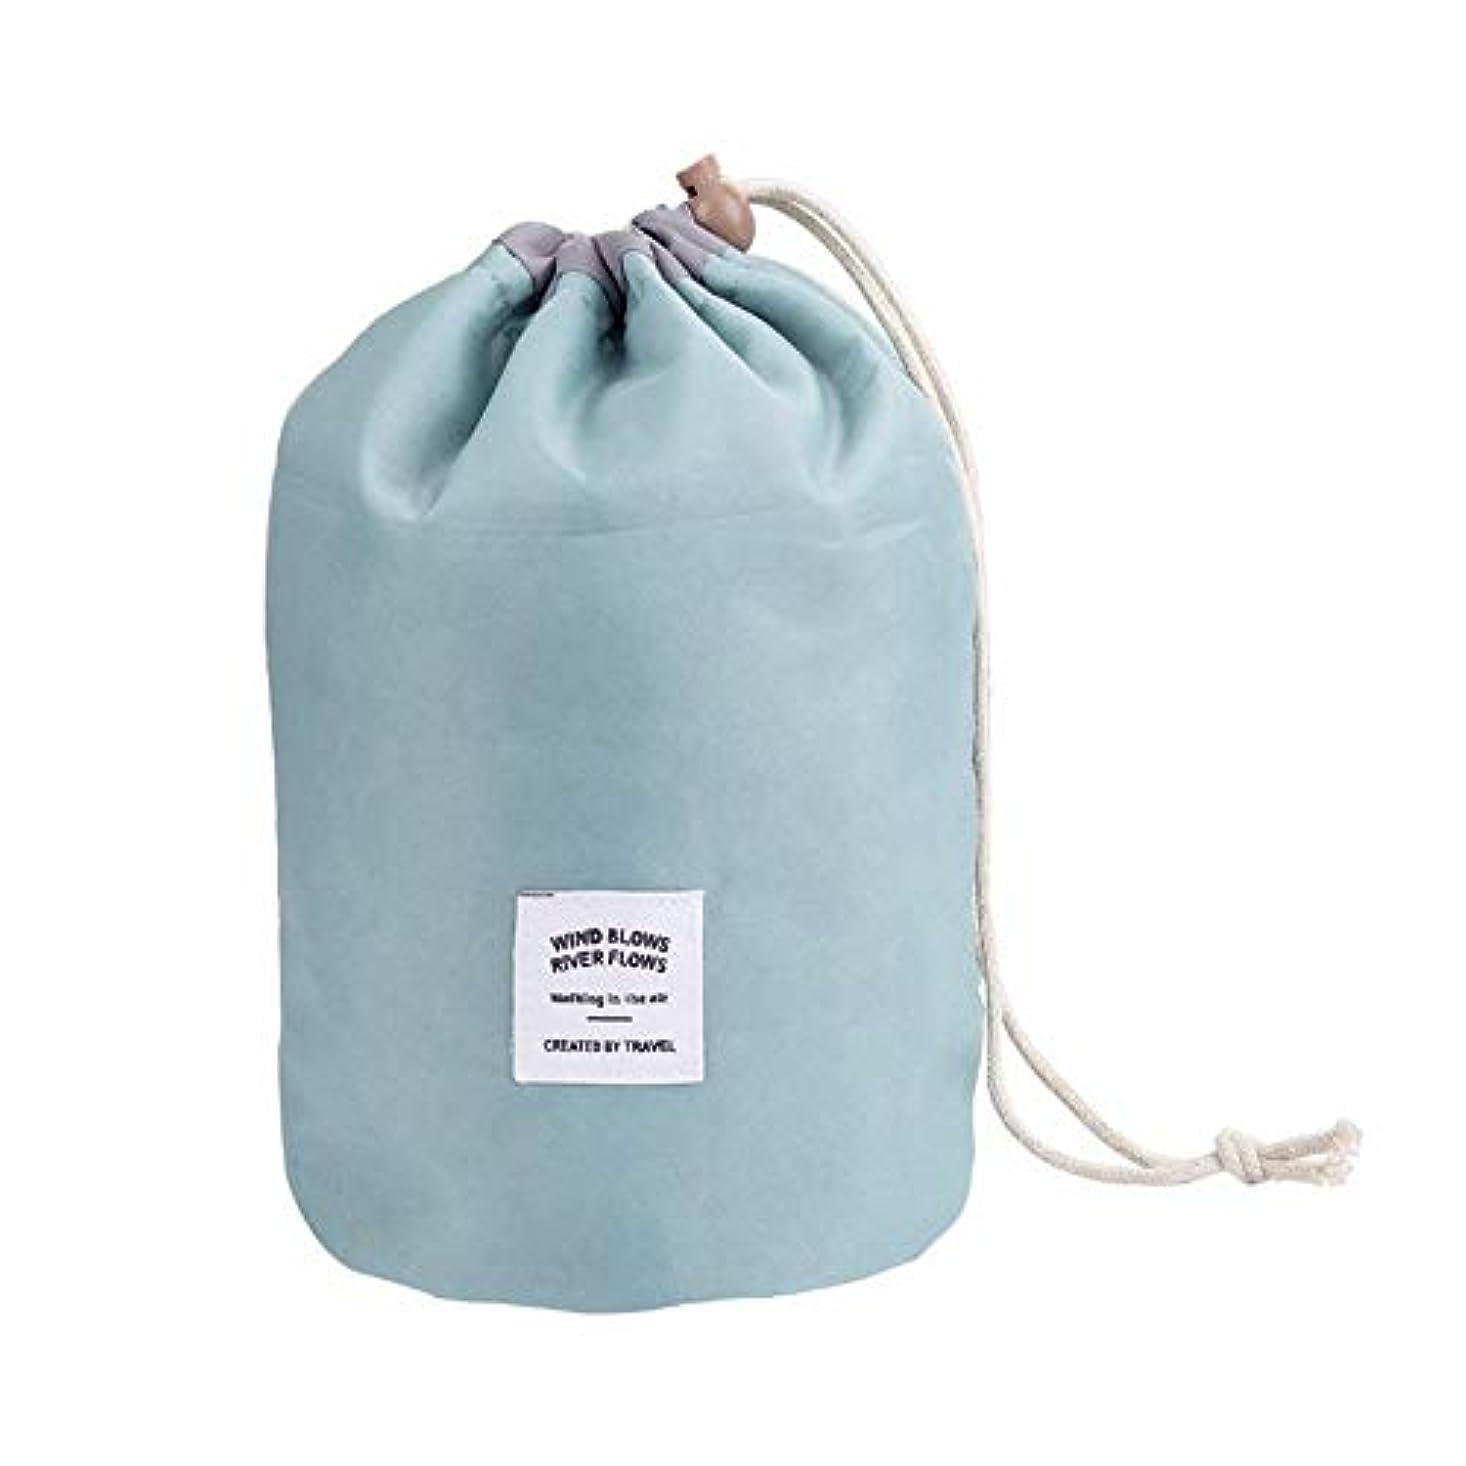 ファントム支払うも化粧オーガナイザーバッグ ポータブル防水旅行コスメティックバッグトラベルセットストレージバッグバスルームストレージ巾着化粧品バッグポータブル 化粧品ケース (色 : 緑)